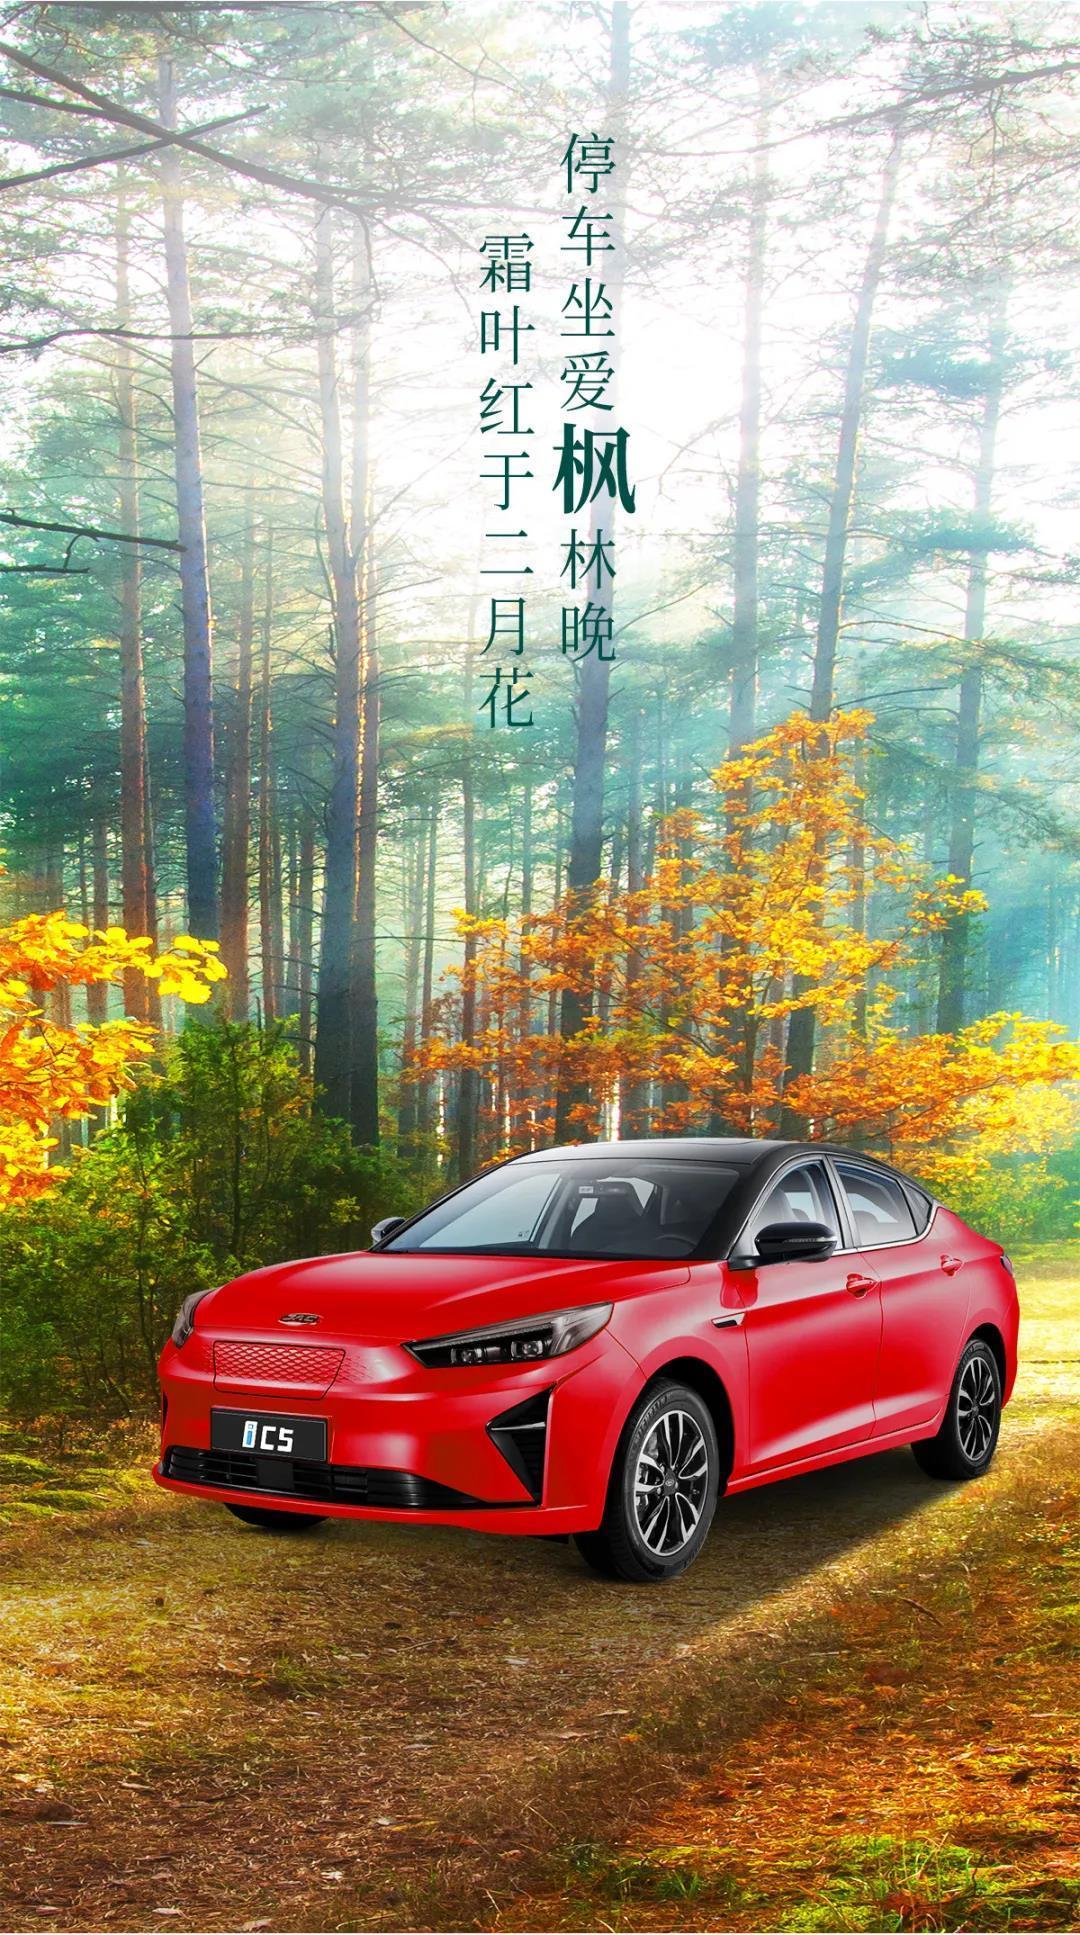 有喜欢江淮汽车的朋友吗?                 秋天版手机壁纸送上!